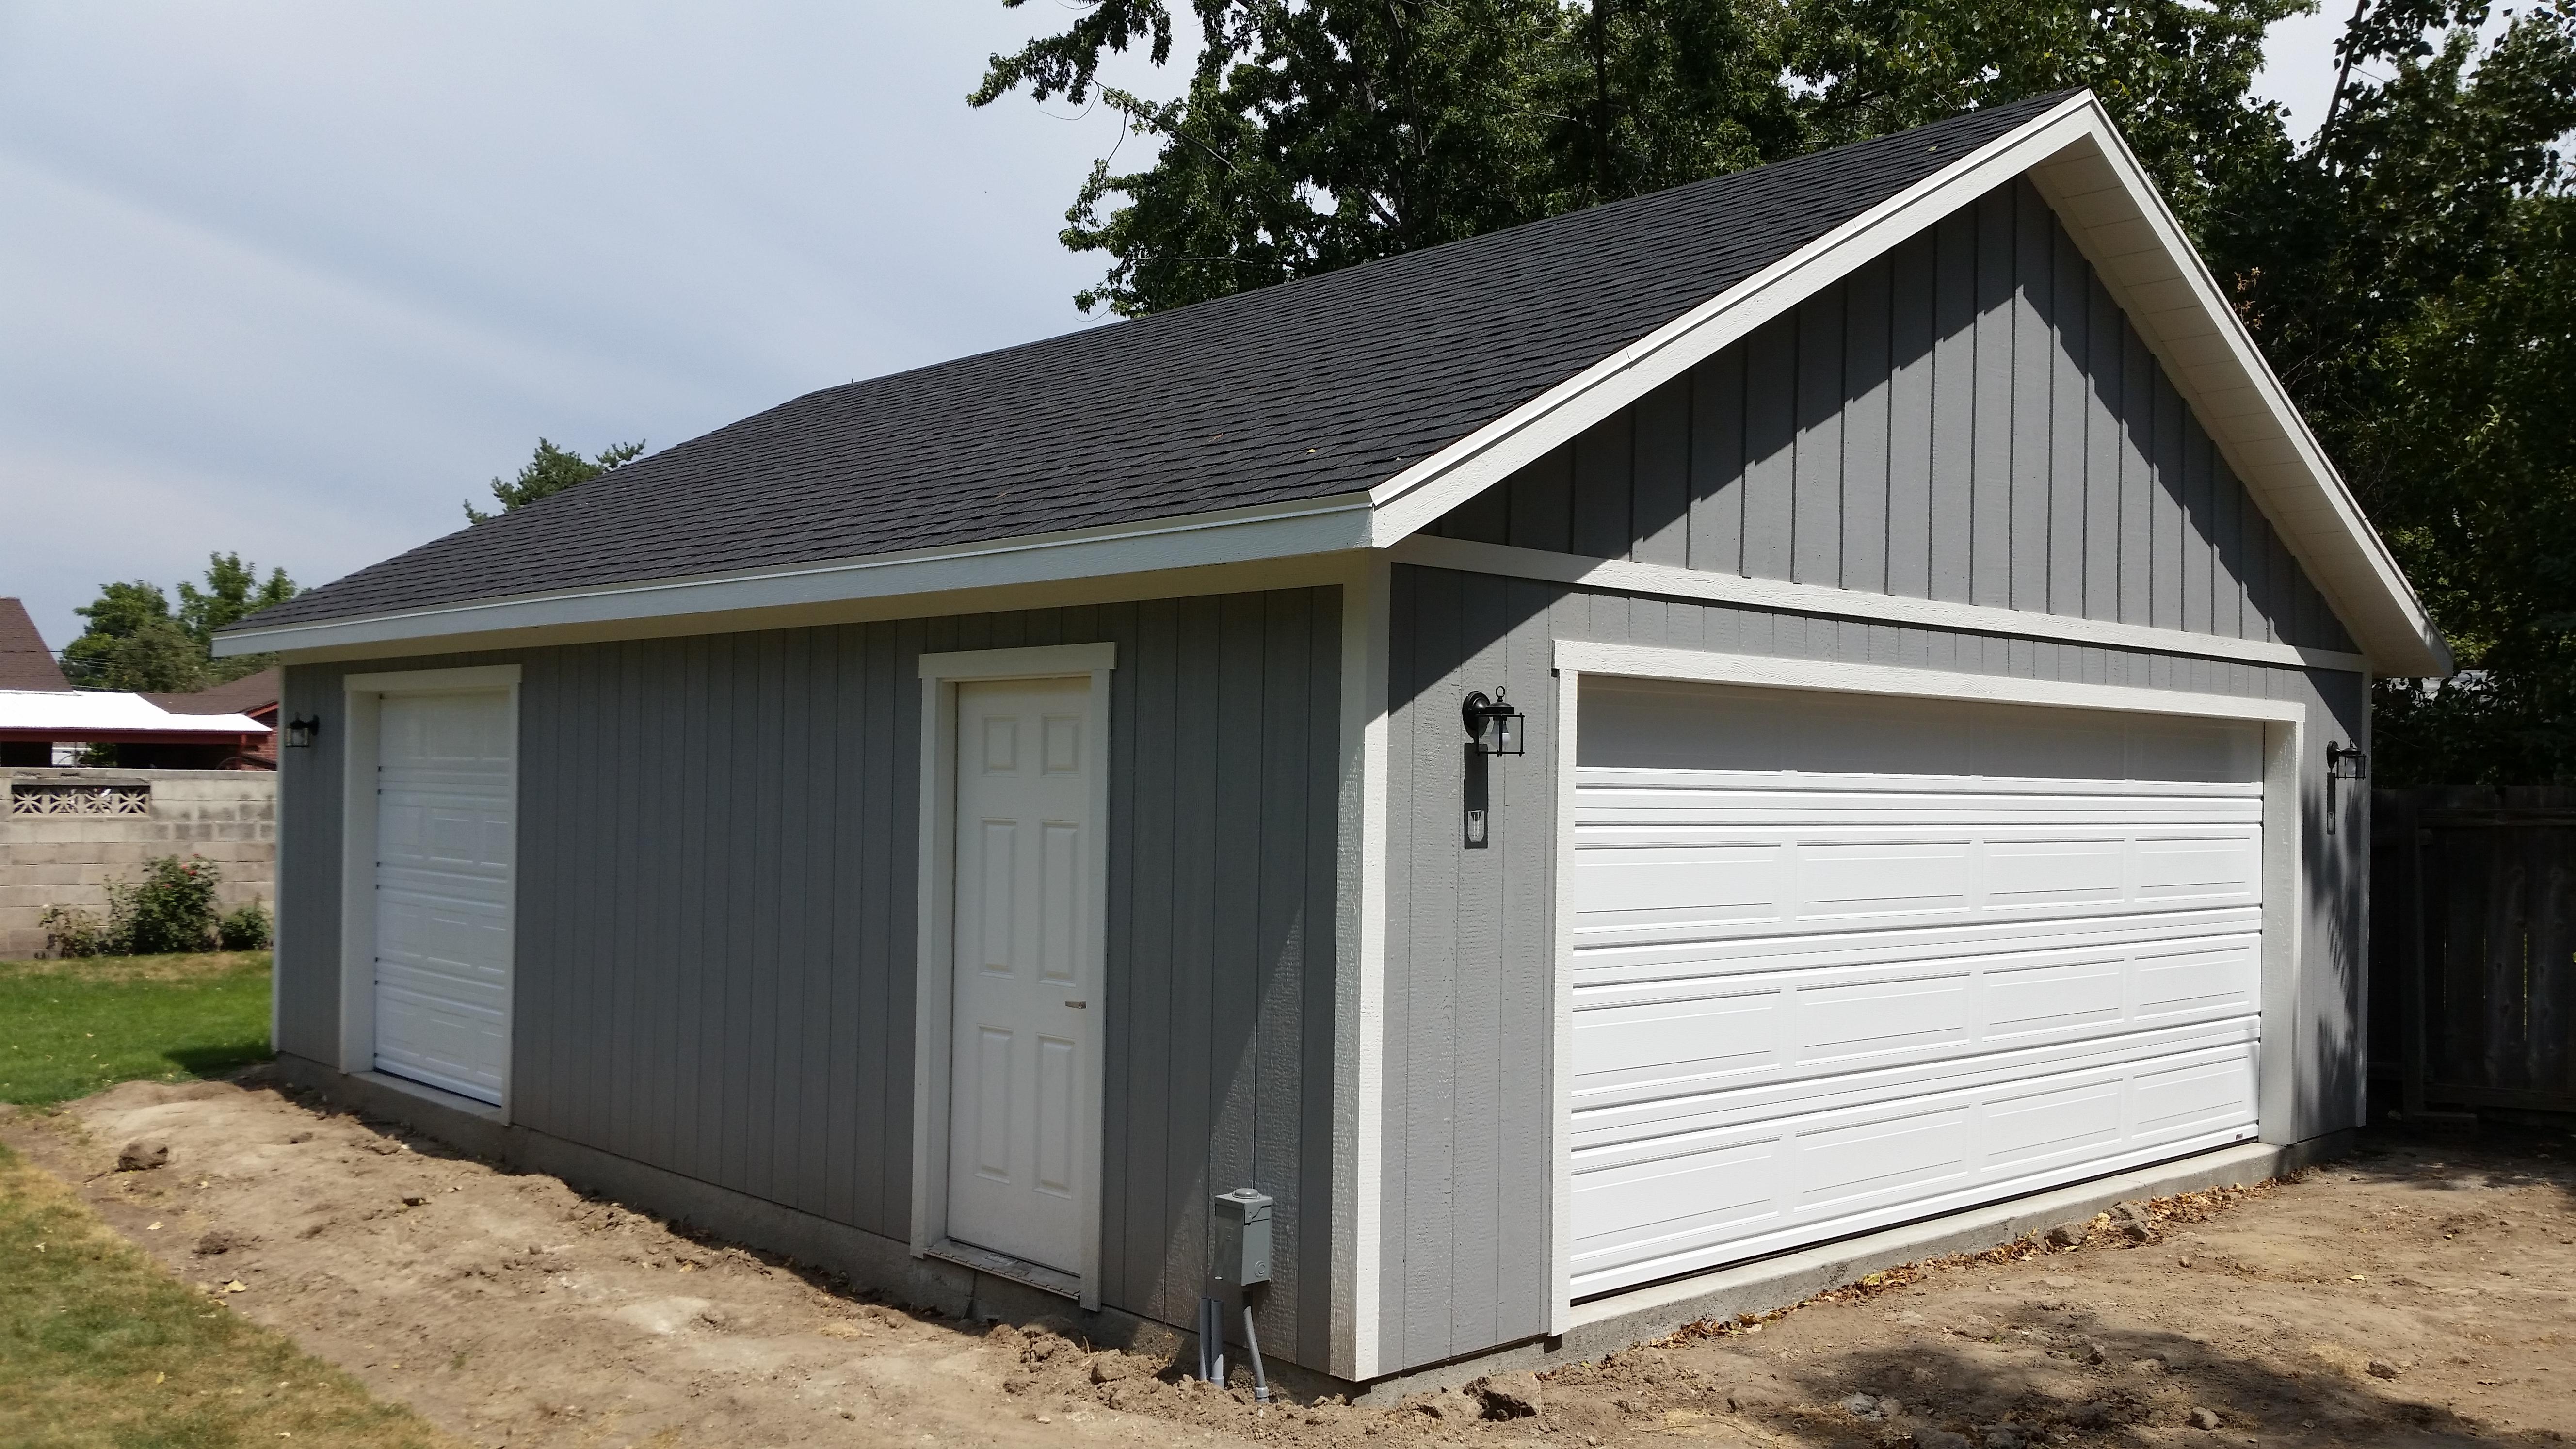 planning a new garage